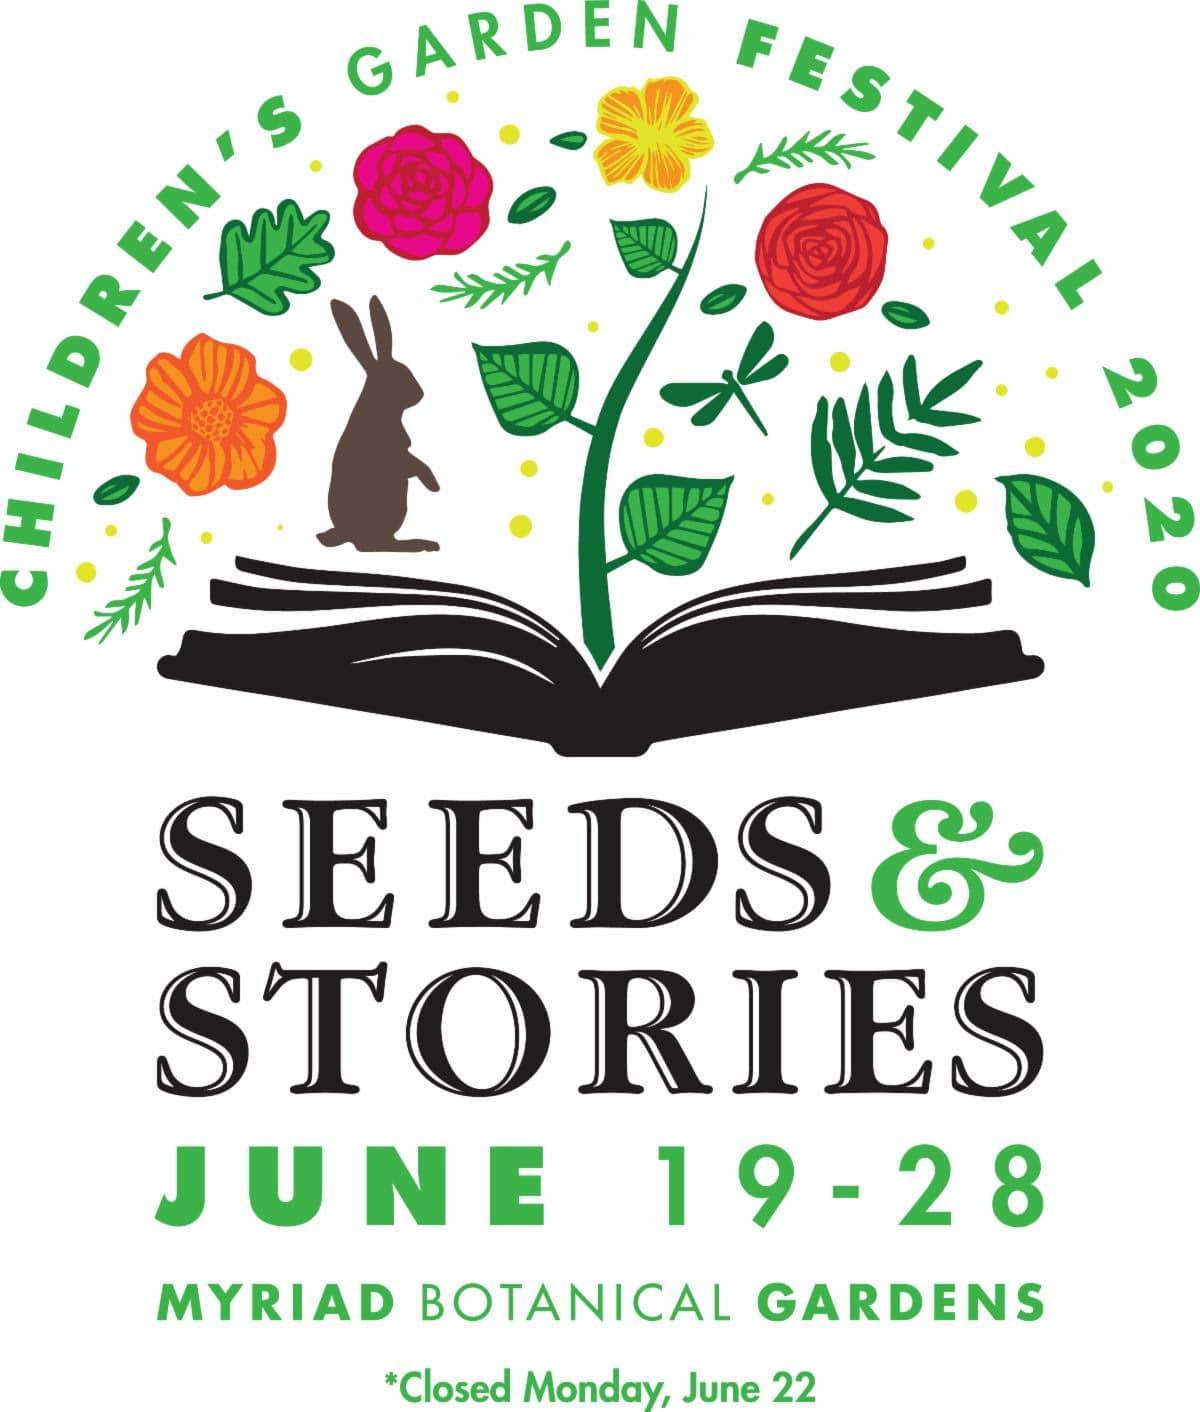 Myriad Gardens Christmas Schedule 2020 CANCELED   Children's Garden Festival: Seeds & Stories at Myriad